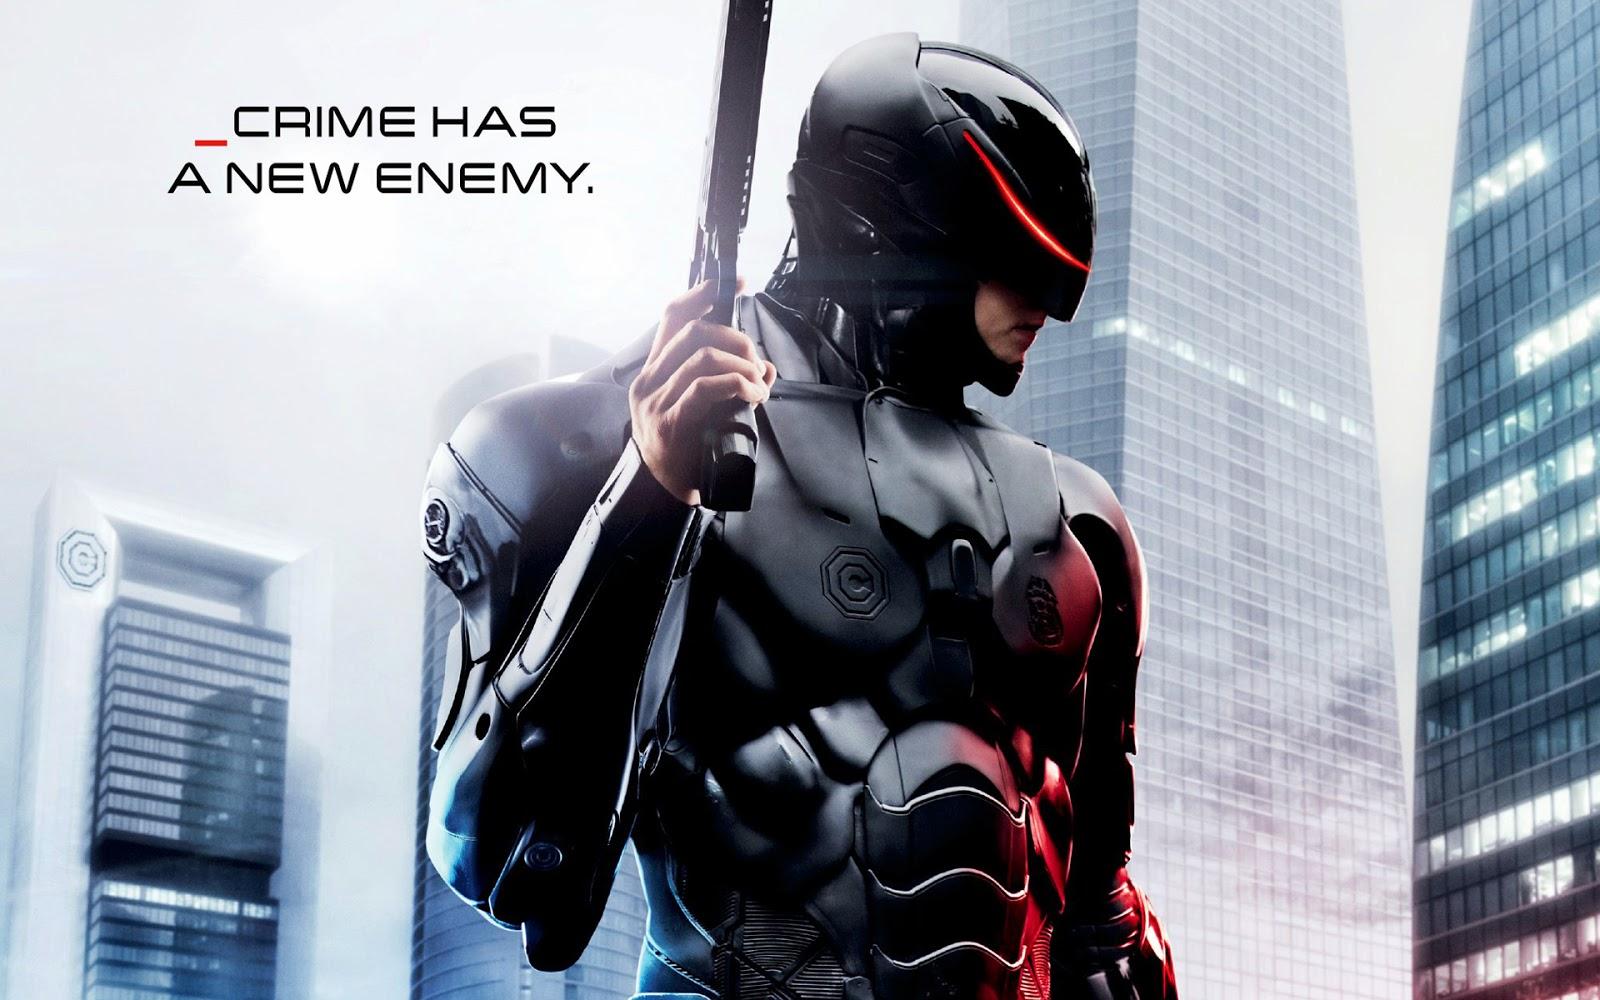 Robocop 2014 remake